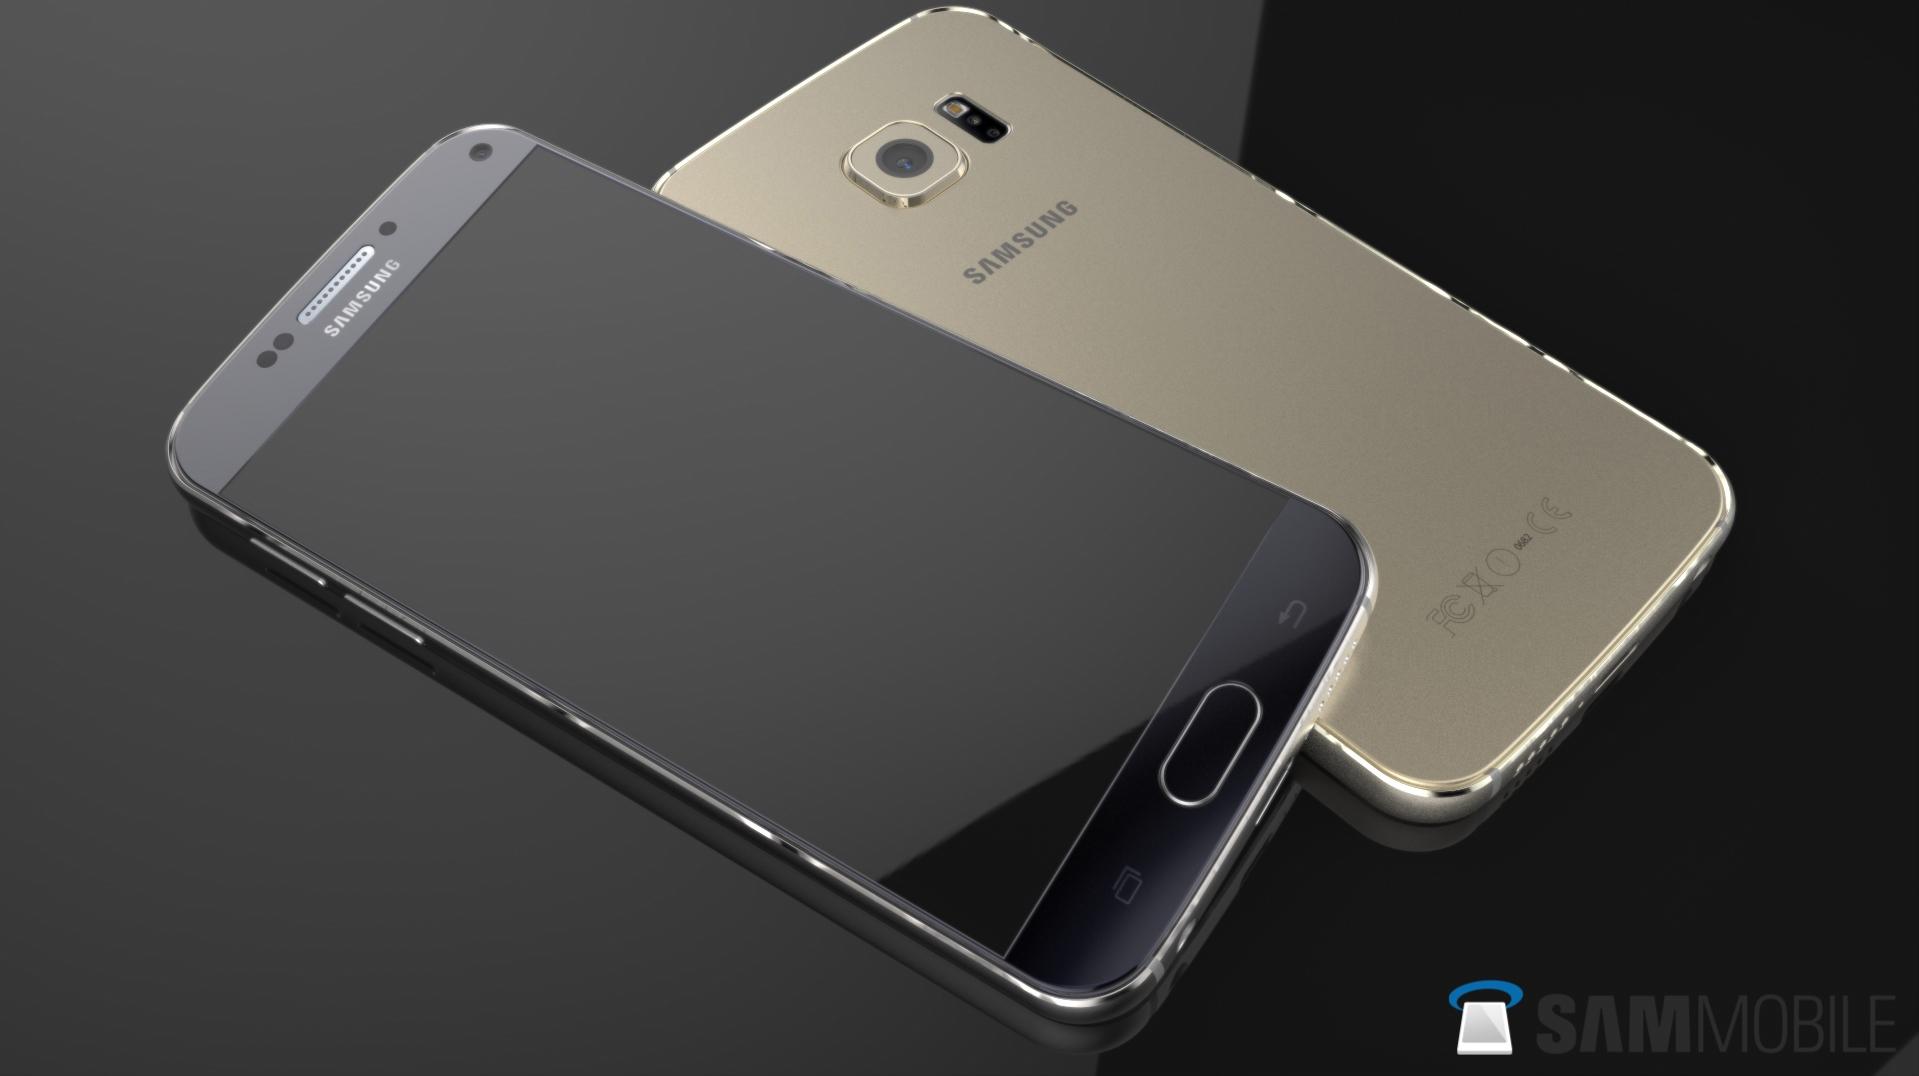 Samsung GalaxyS7 : tout ce que l'on sait déjà du smartphone